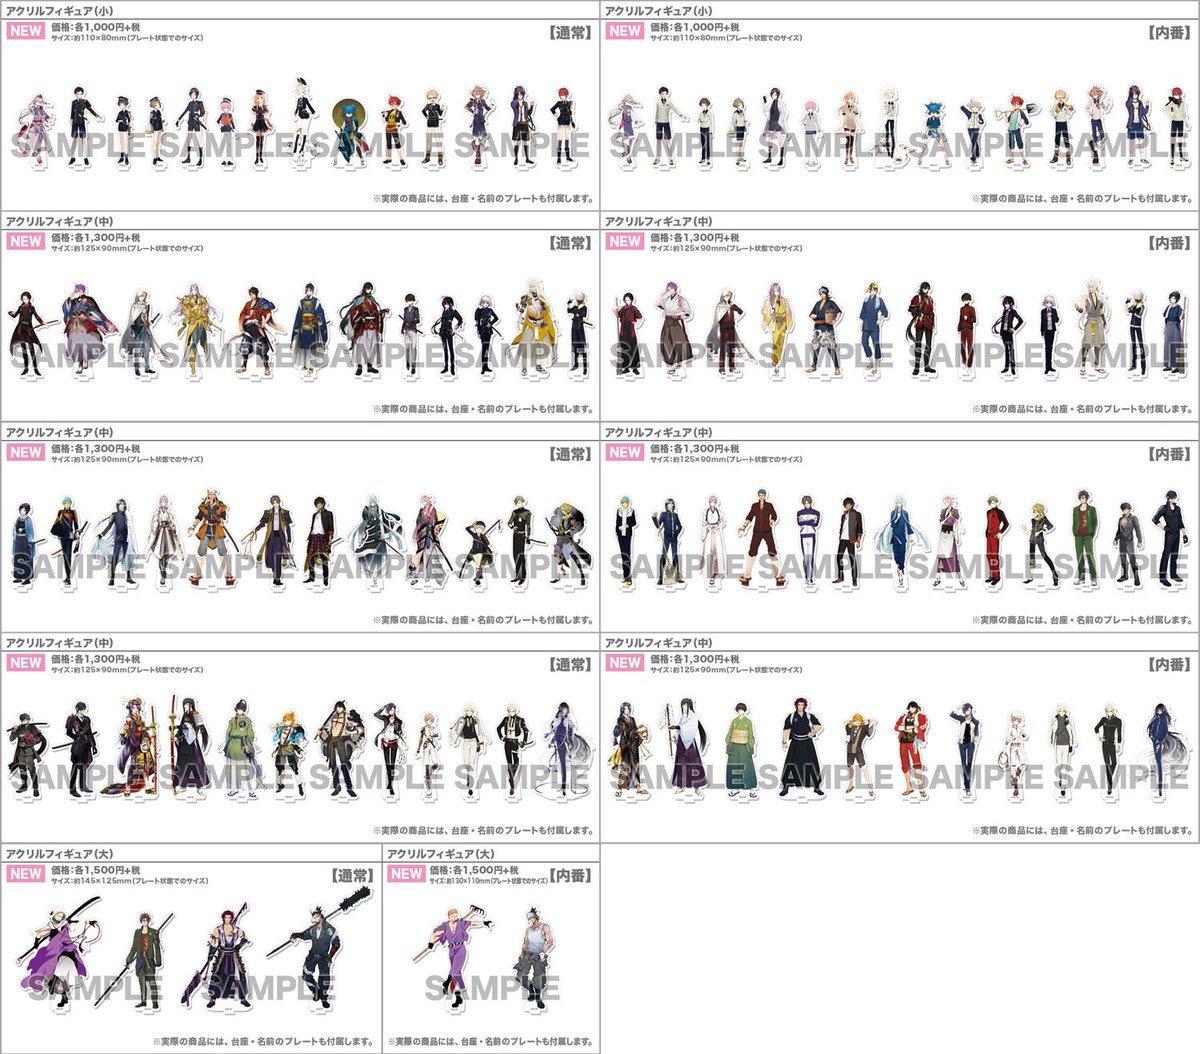 刀剣乱舞STORE3 商品情報を更新いたしました。(図録、祝画は後日掲載となります。) #刀剣乱舞 #とうらぶ #tou